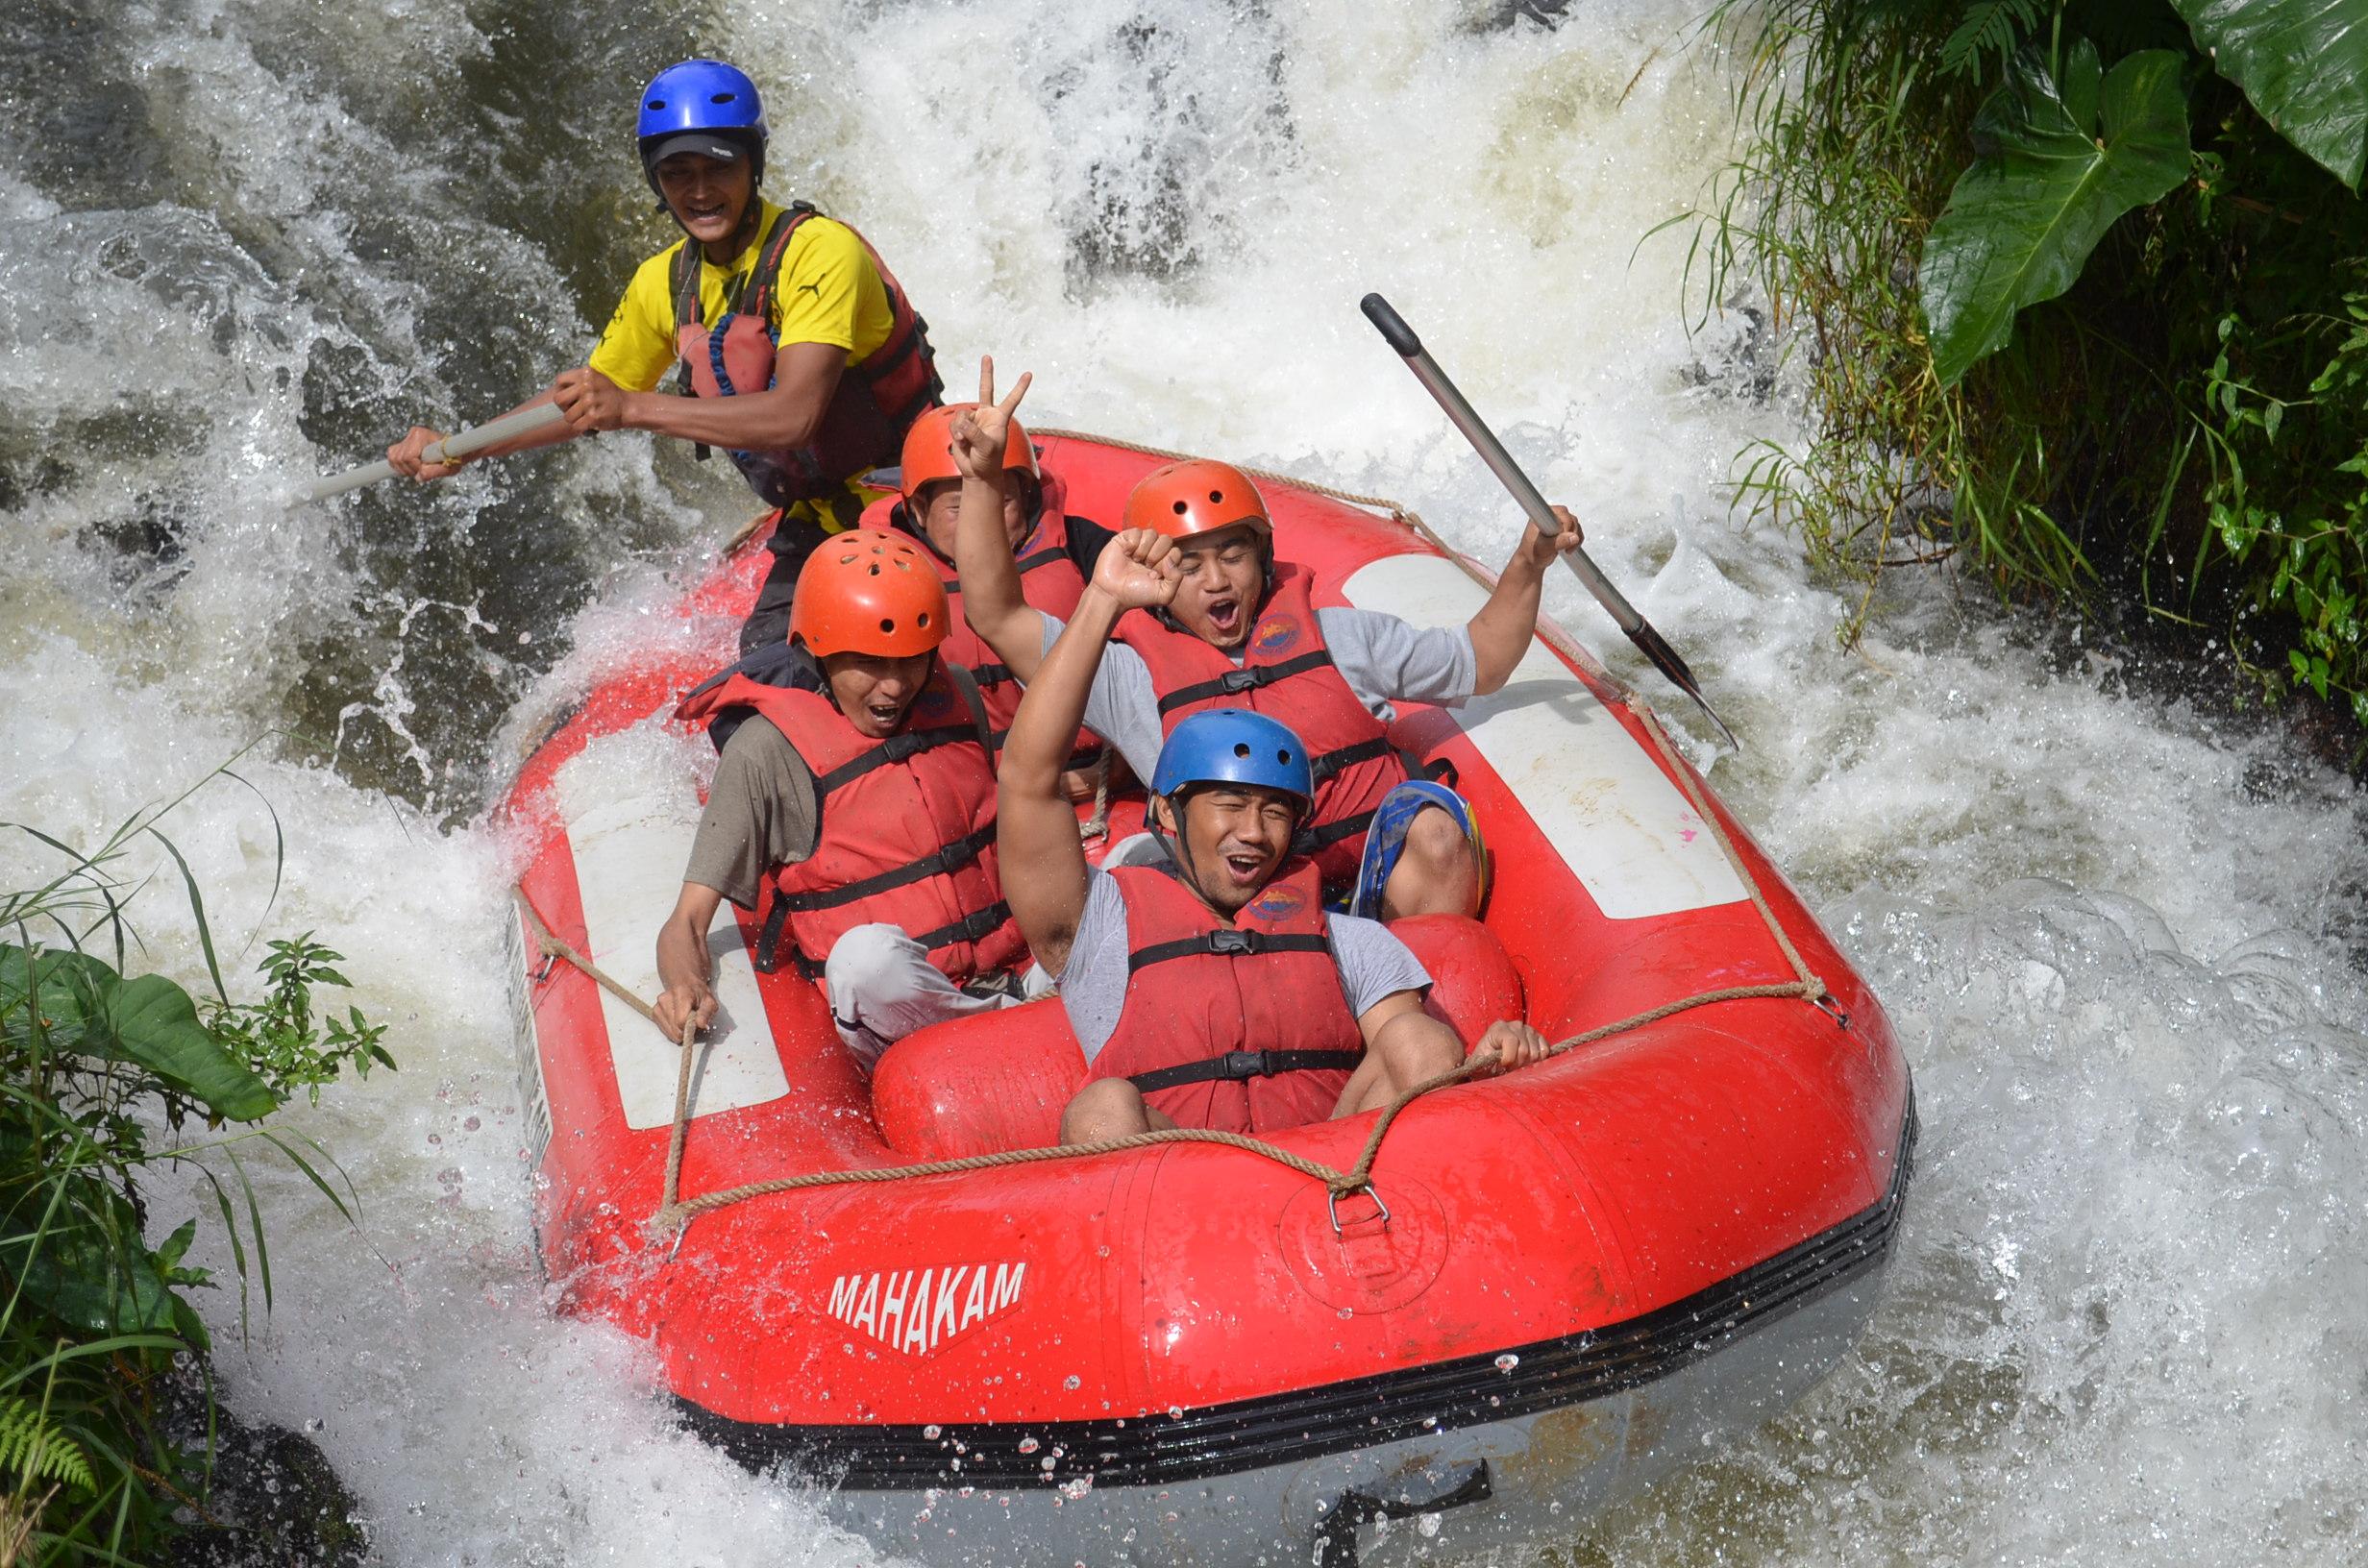 wahana-wisata-rafting-pangalengan-bandung-selatan-23